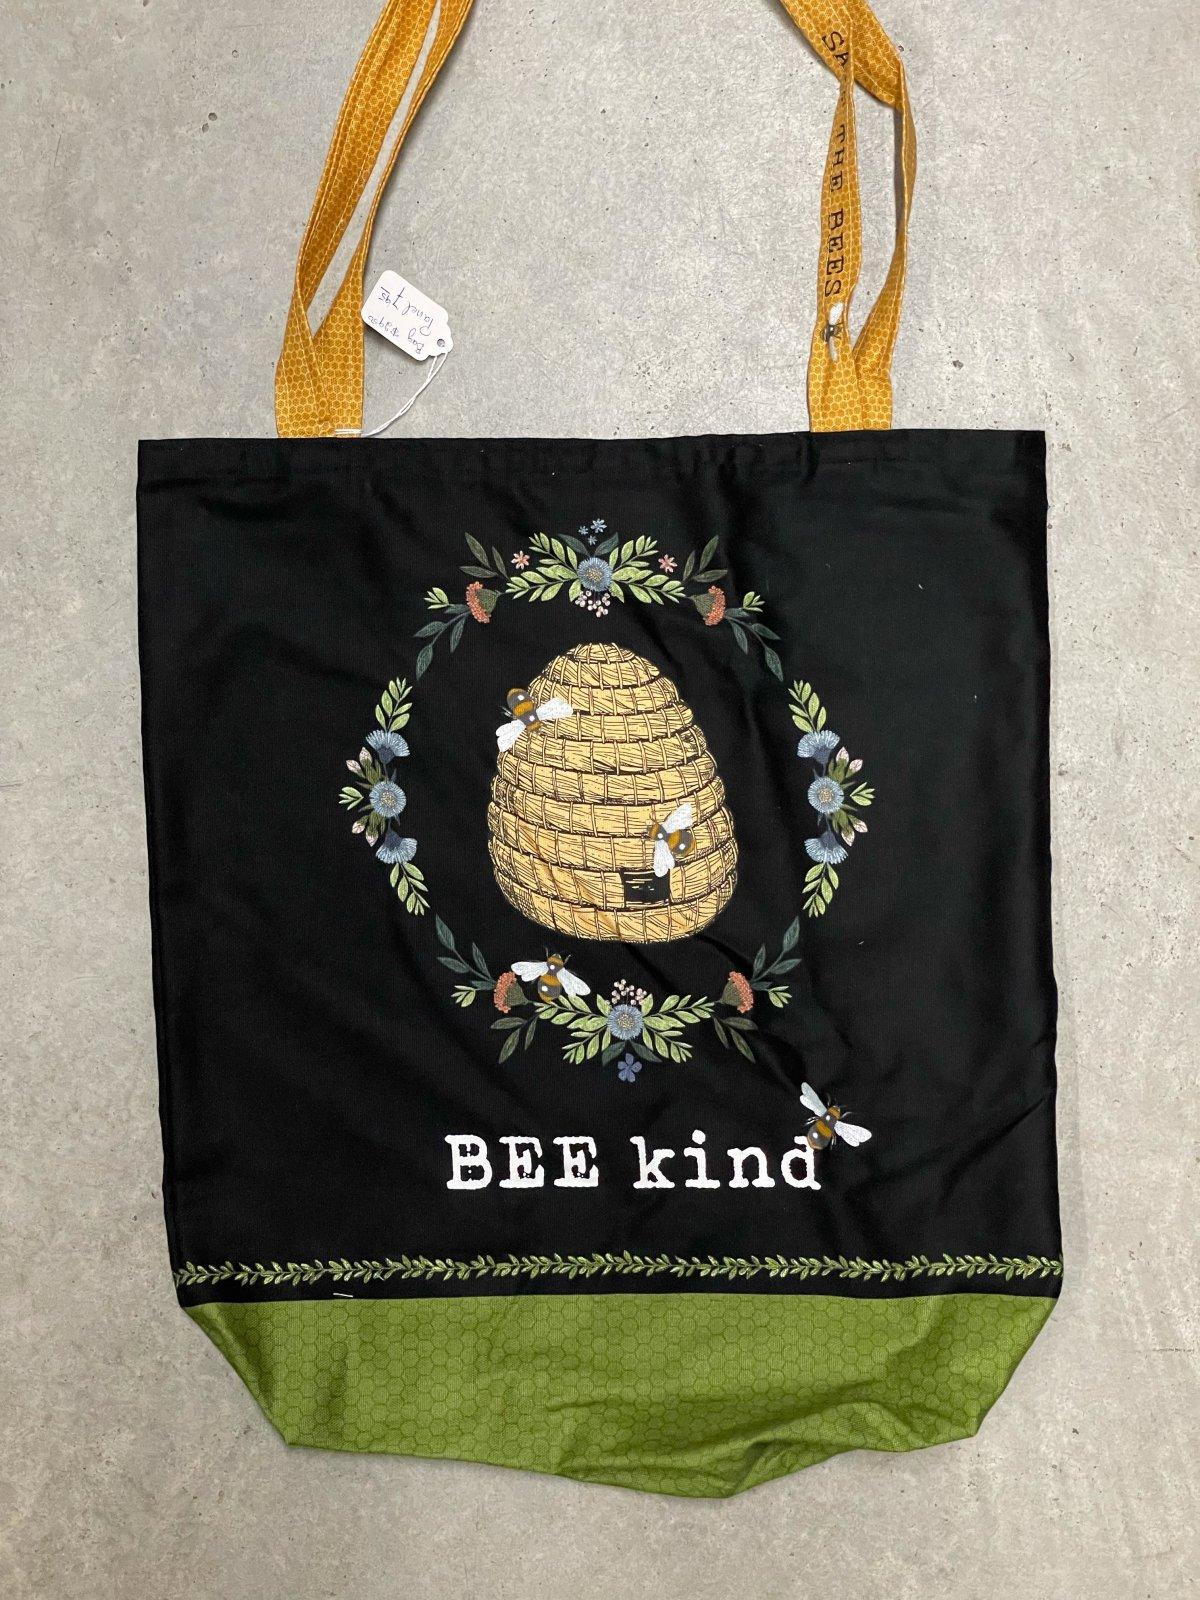 Bee Kind Bag